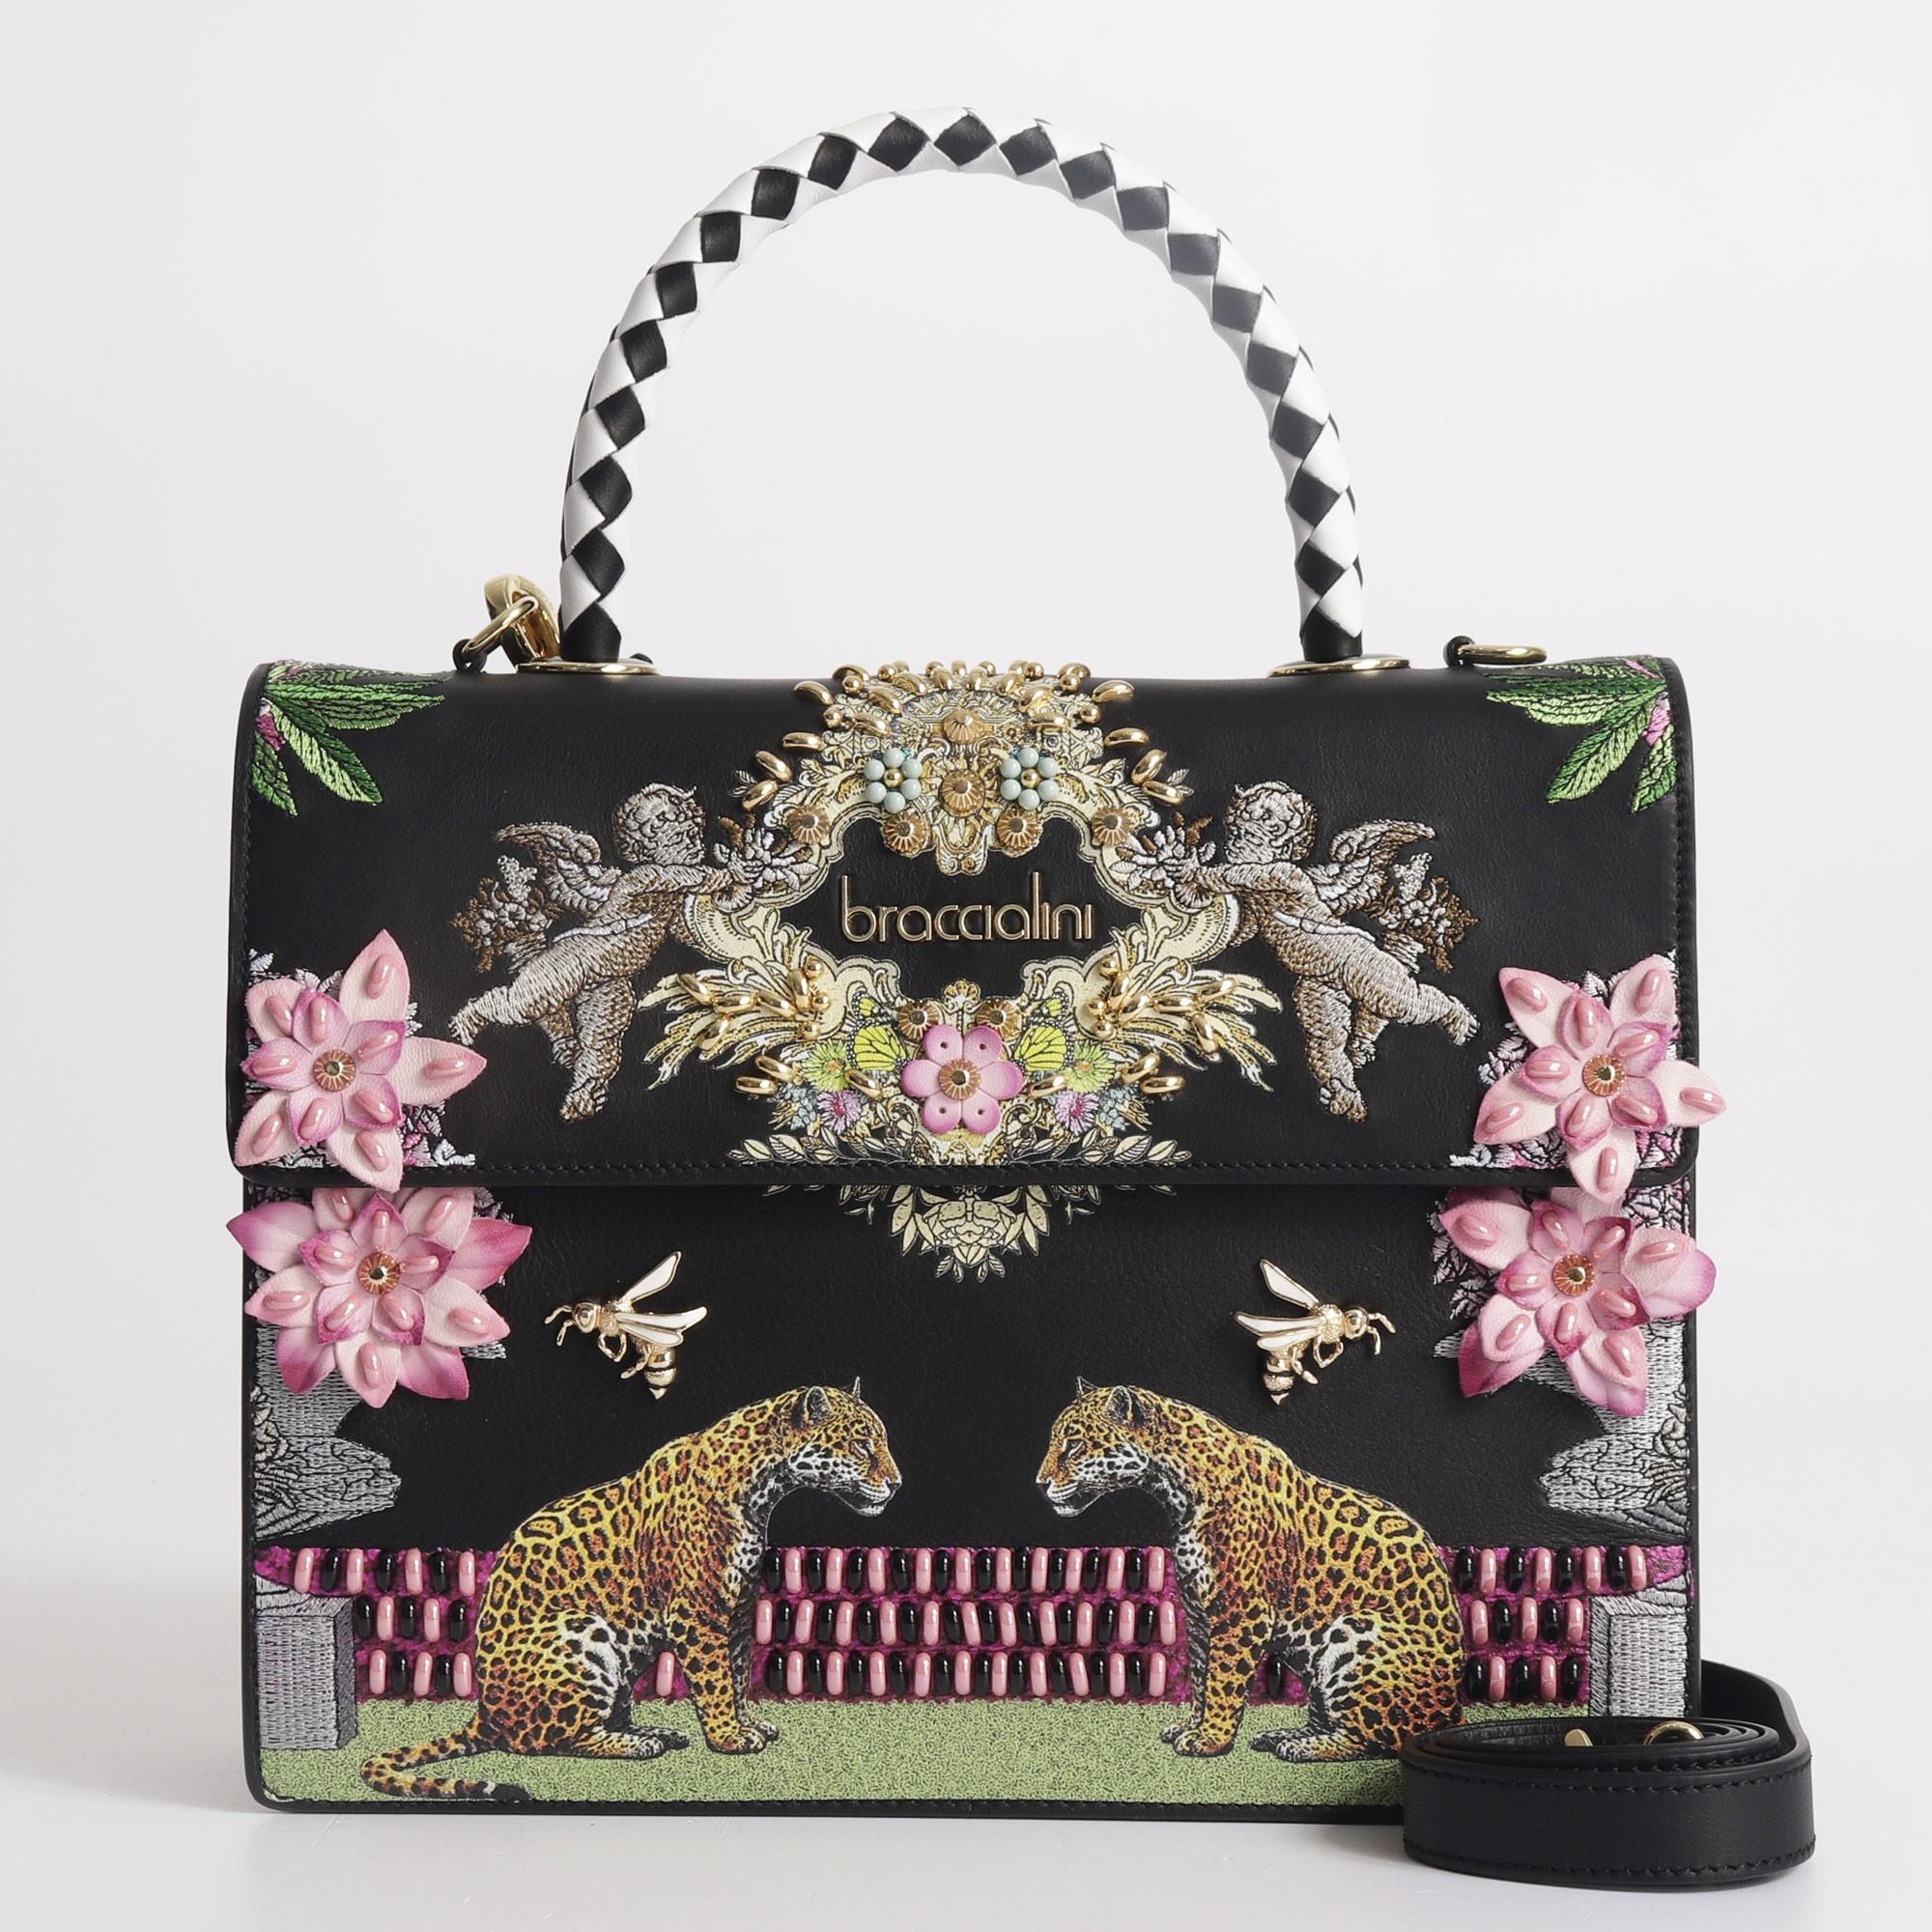 Braccialini Audrey bag